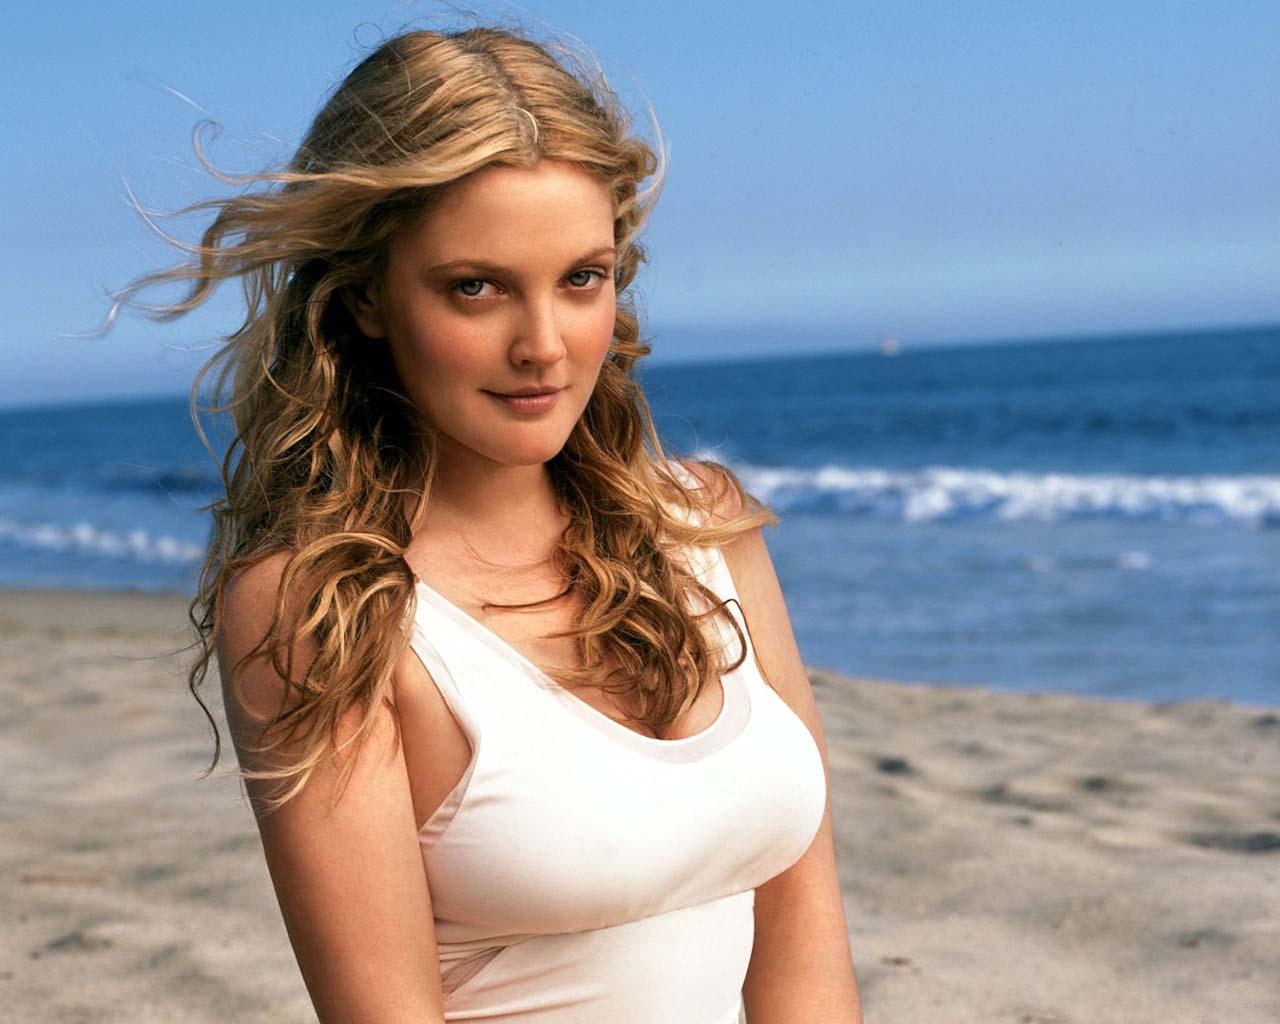 http://2.bp.blogspot.com/-QSsYTCnMTjM/ToAIS6mu50I/AAAAAAAAACU/SO7PvZuLEiI/s1600/Hot-Drew-Barrymore-top-paid-actress-2011+%25281%2529.jpg